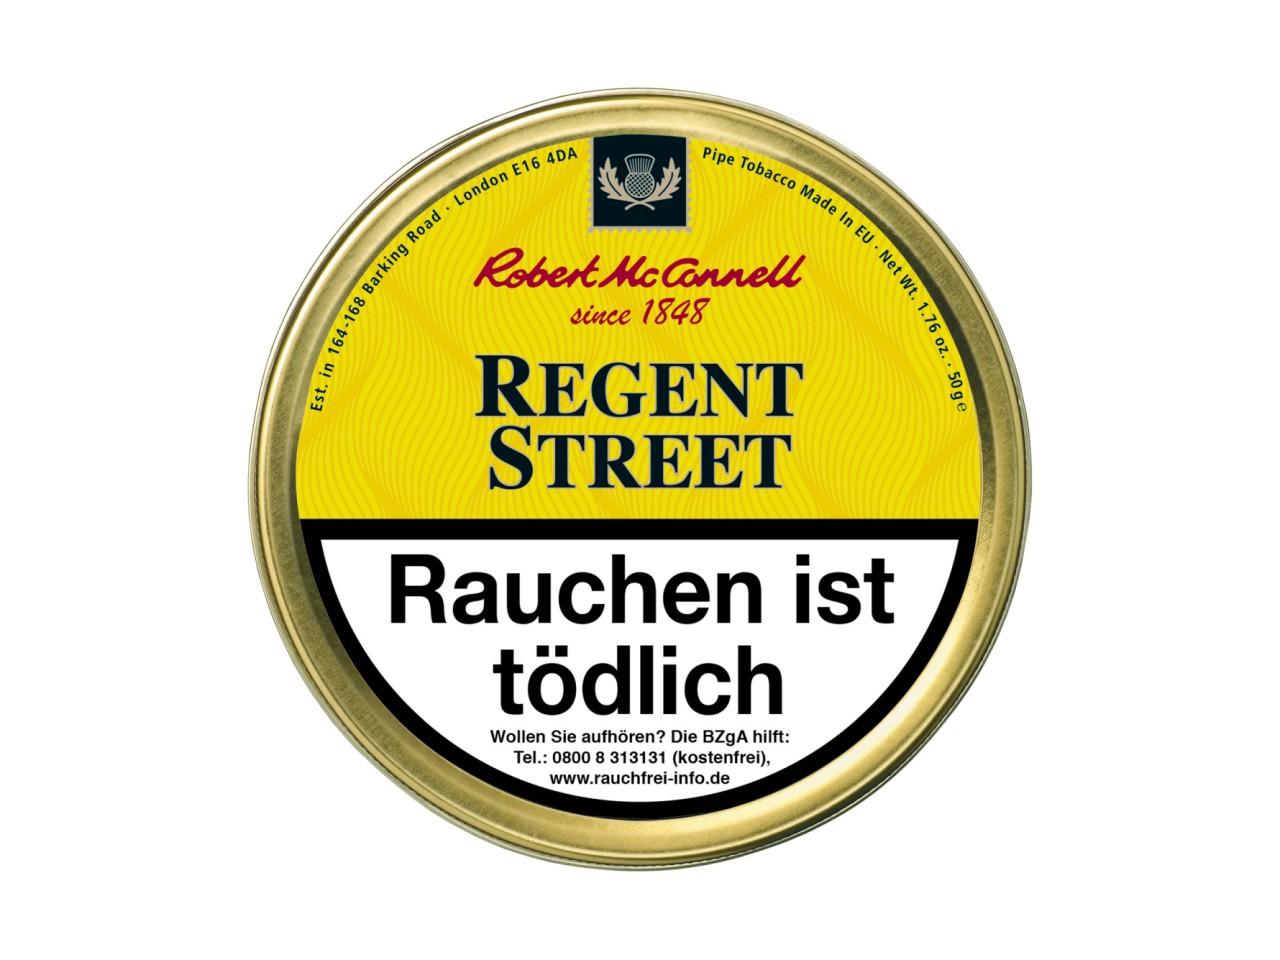 Robert McConnell Regent Street